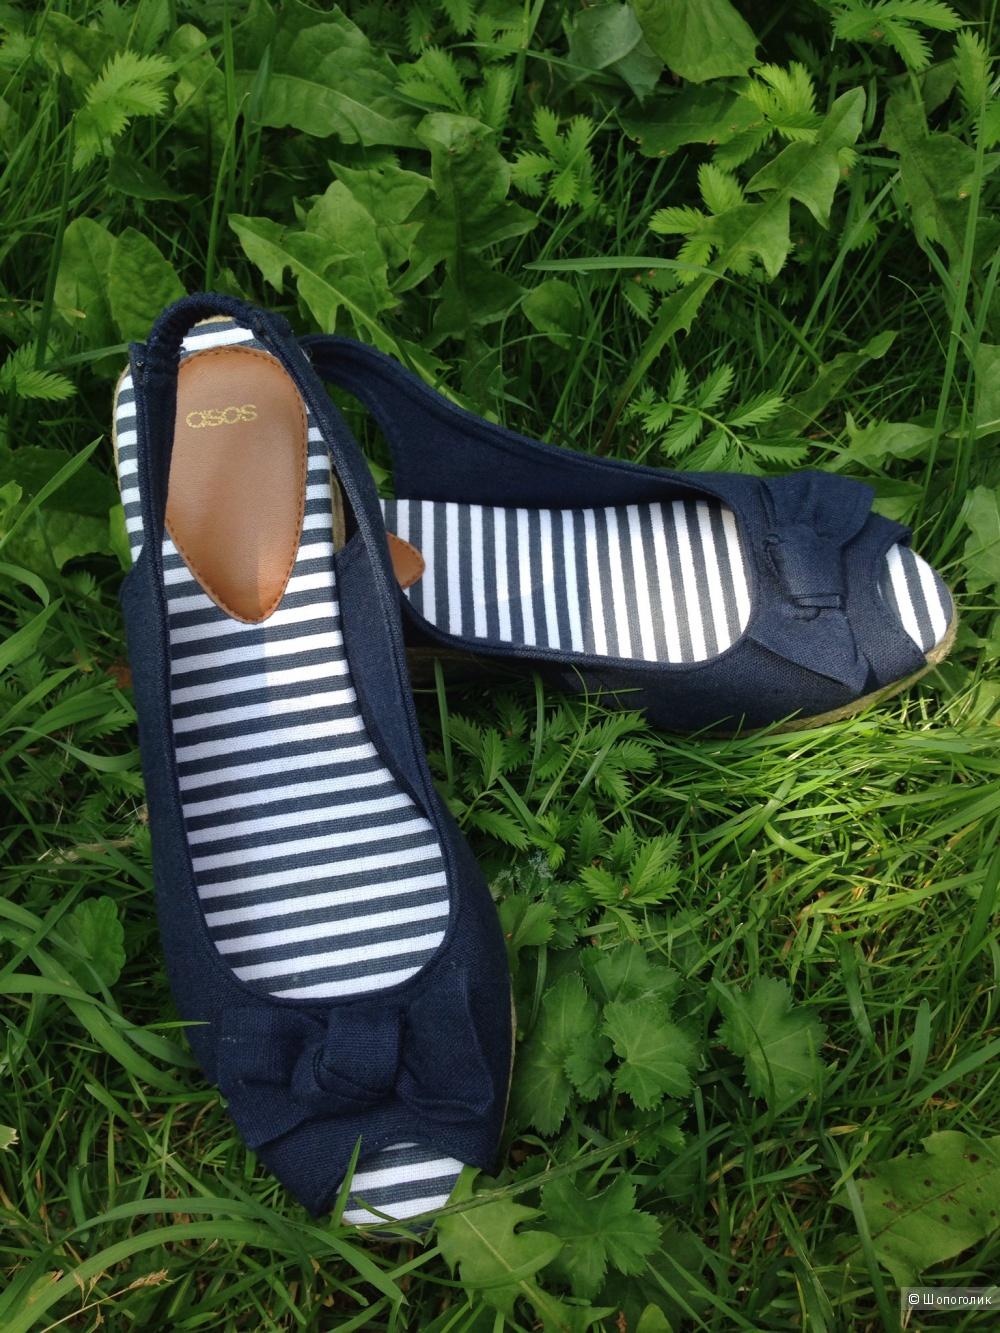 Эспадрильи марки ASOS. НОВЫЕ. Размeр 6UK. По стельке 26см. Эспадрильи выполнены в морском с, синего цвета с полосатой стелькой.